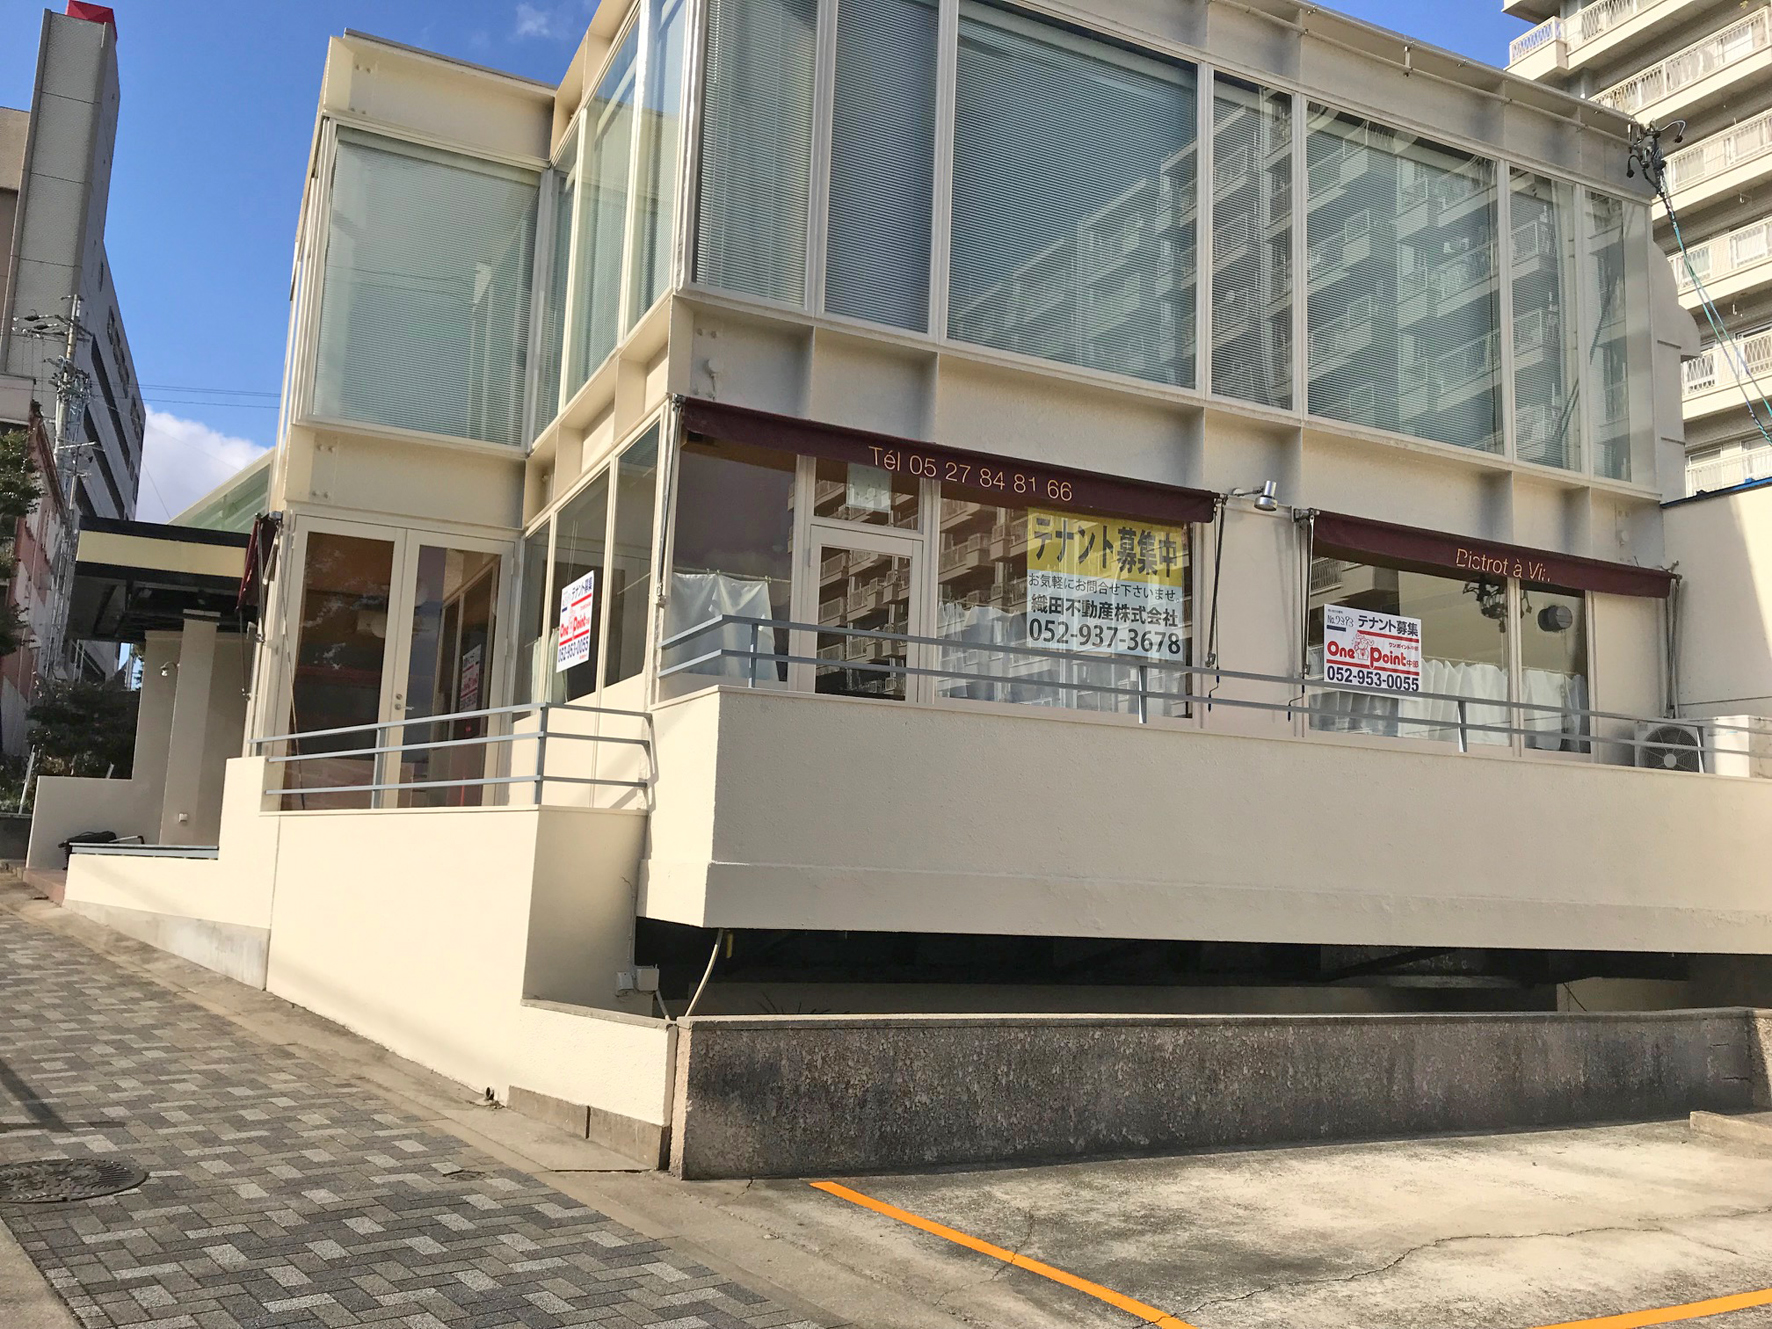 店舗デザイン インテリアデザイン shopdesign interiordesign 横浜 名古屋 作家story